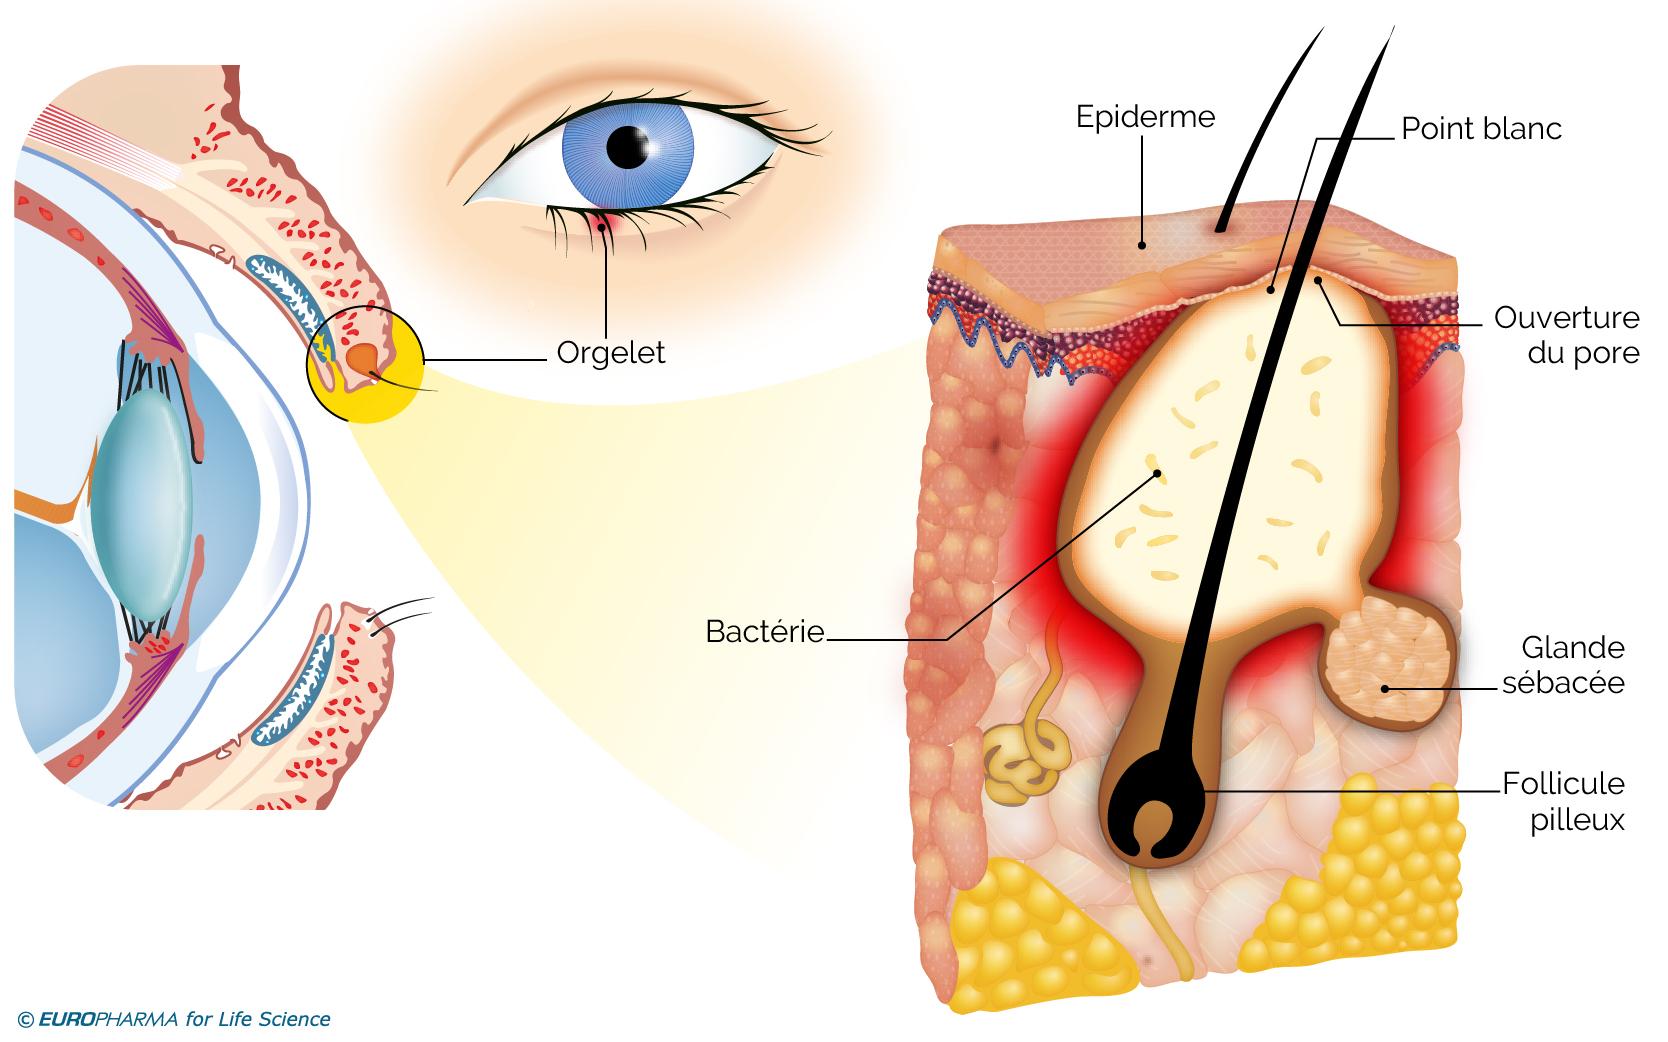 Atteinte du follicule pilo-sébacé dans la maladie de l'orgelet